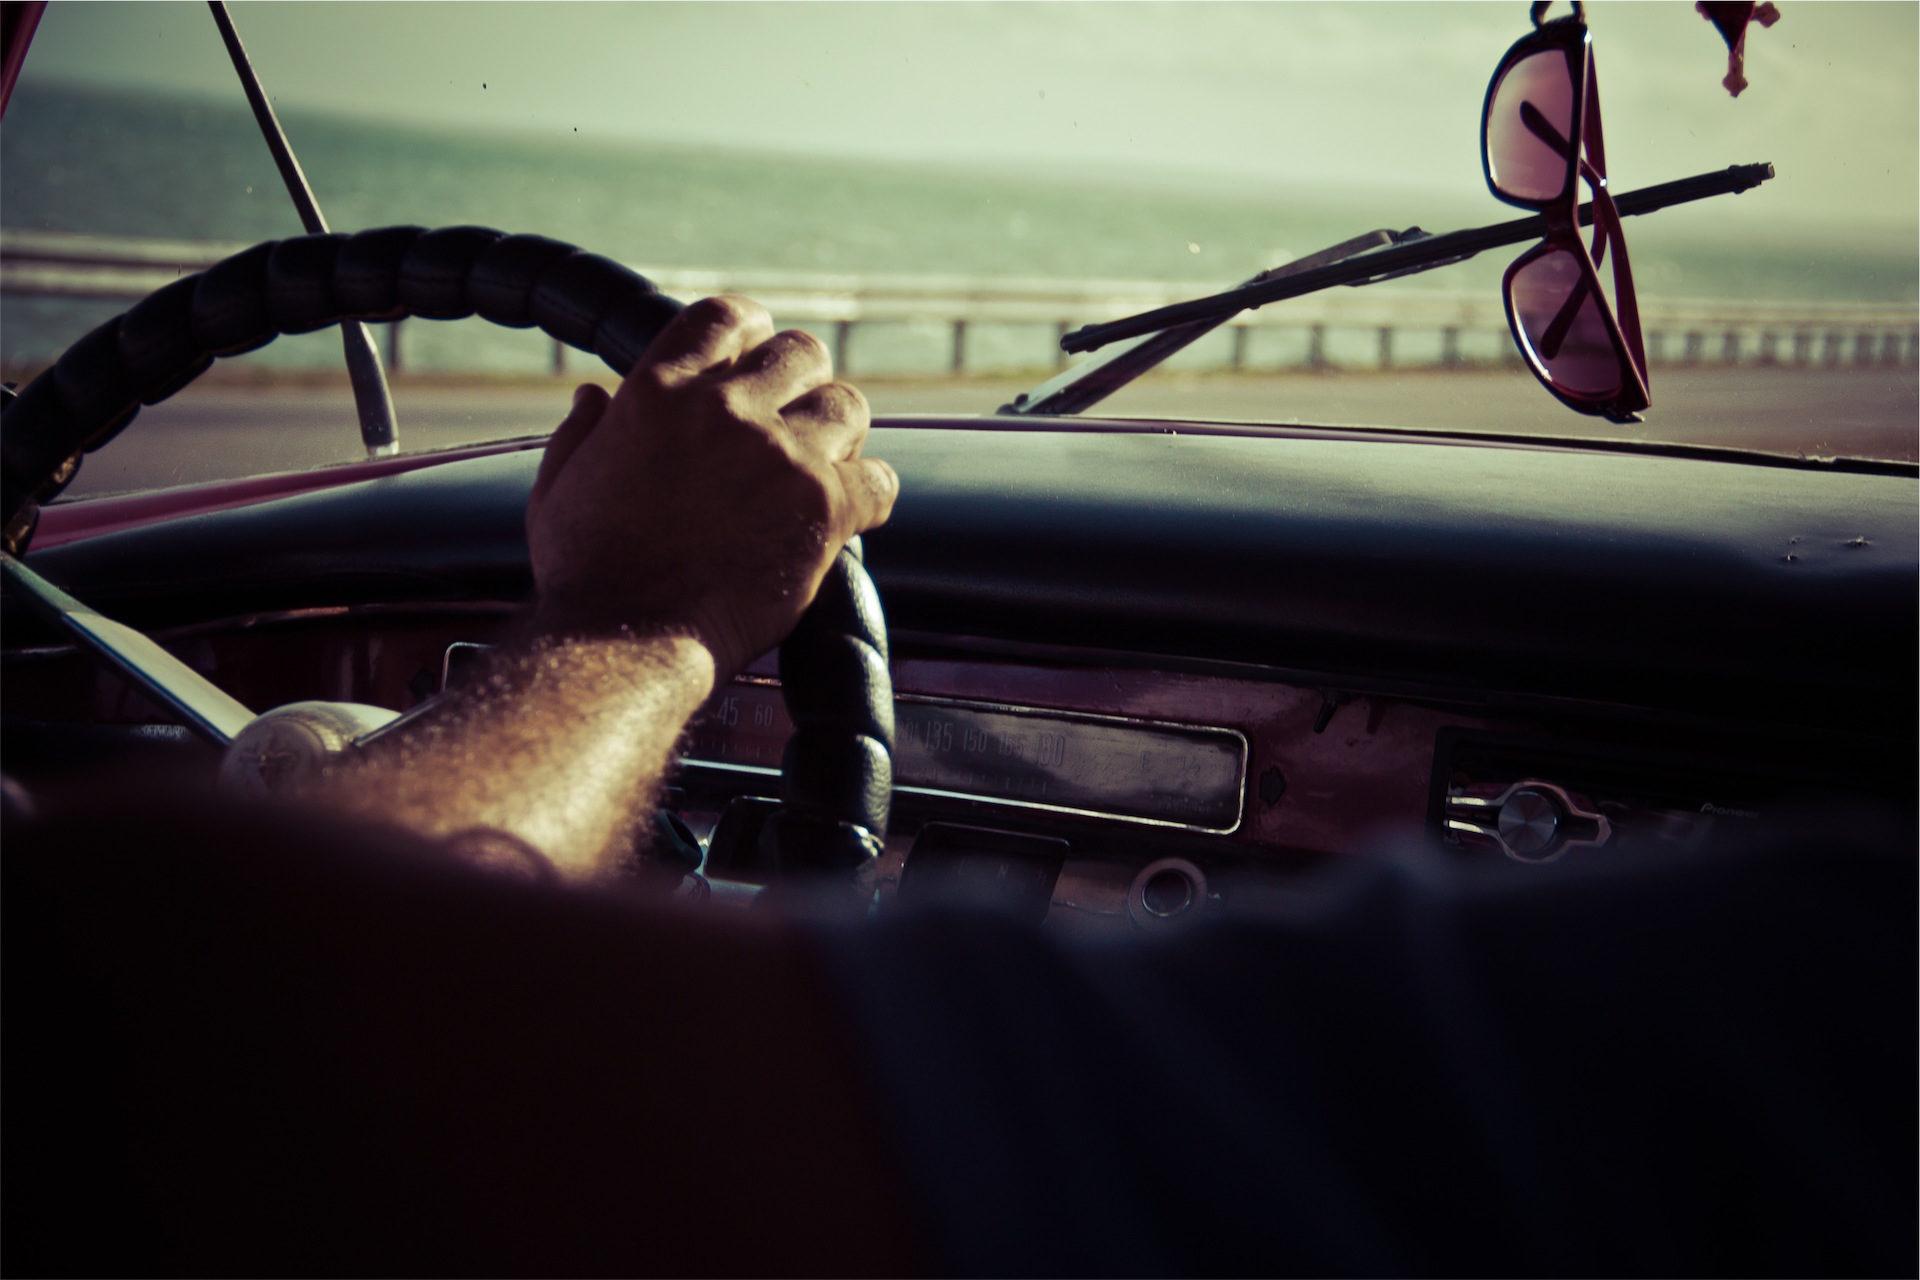 αυτοκίνητο, Μόλυβδος, τιμόνι, ραδιόφωνο, παλιάς χρονολογίας - Wallpapers HD - Professor-falken.com